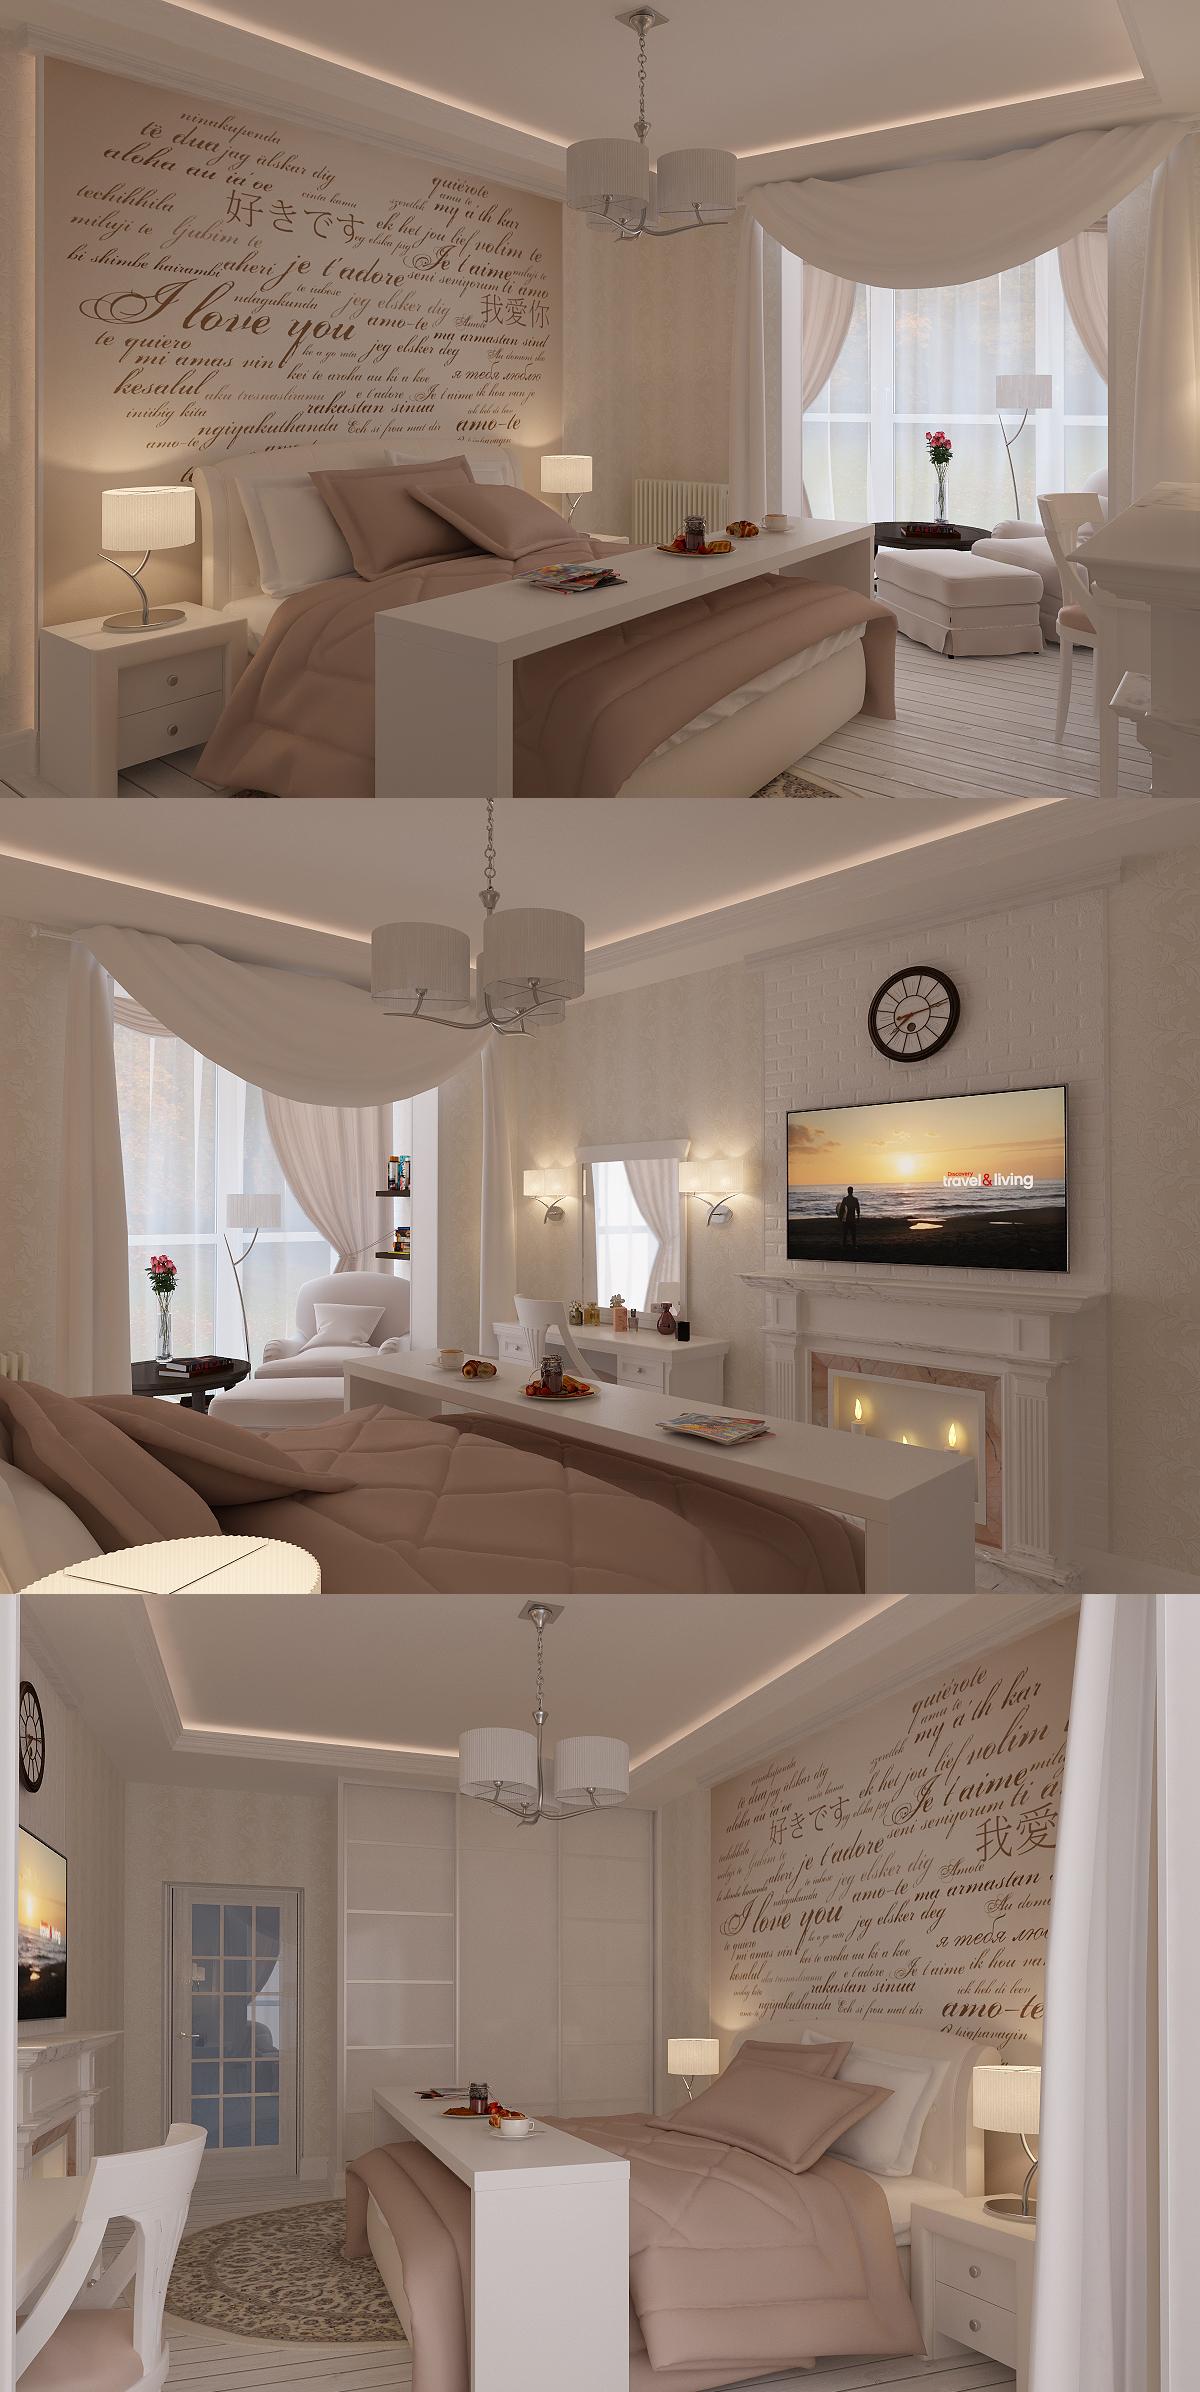 20170110033628 sinnvoll kleines schlafzimmer einrichten ~ easinext.com